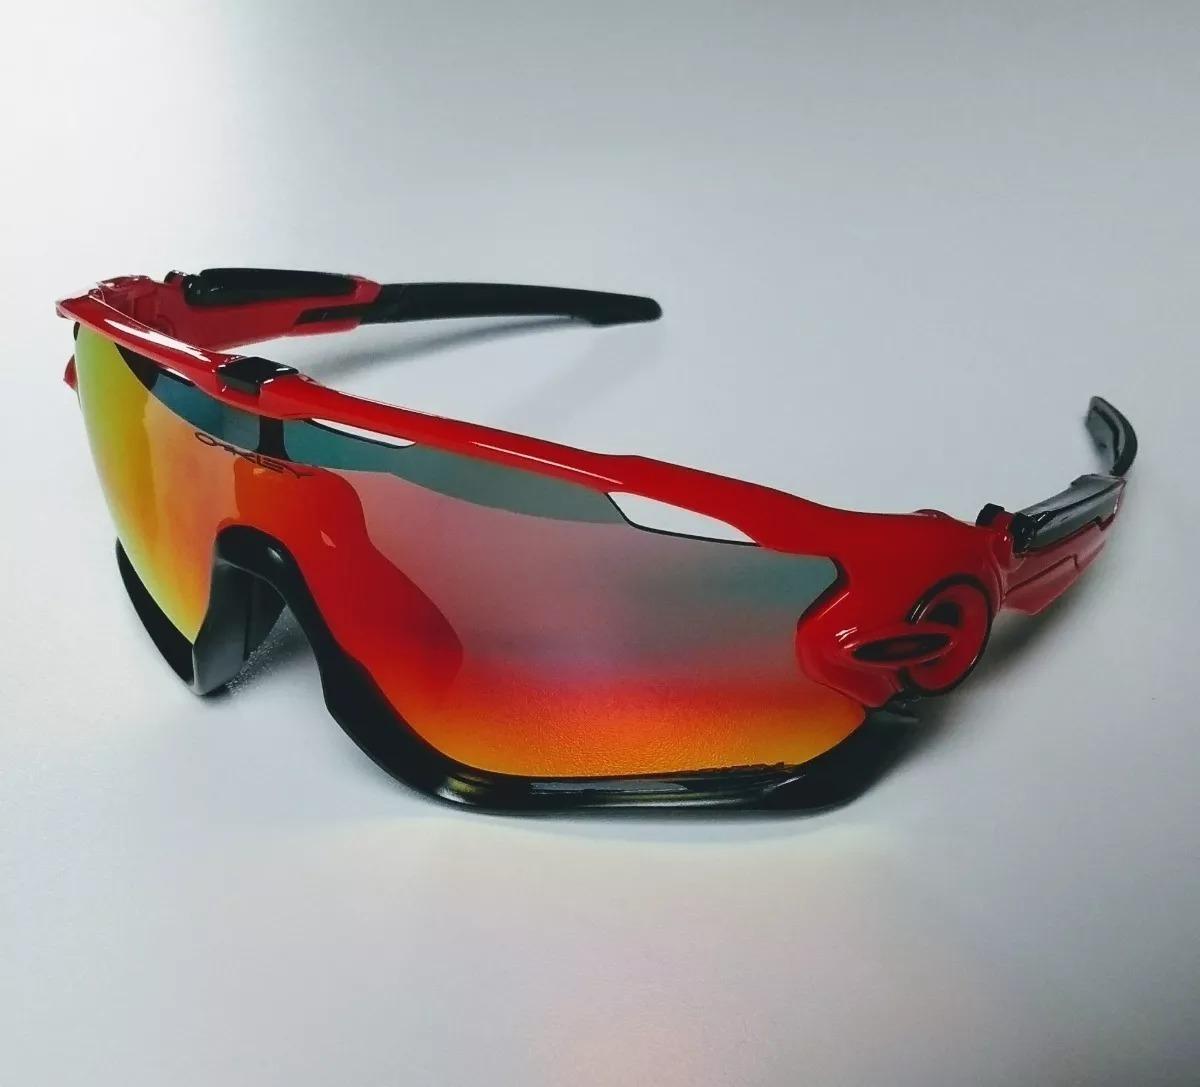 812cc71dc Óculos Oakley Jawbreaker Ciclismo 3 Lentes - R$ 180,00 em Mercado Livre